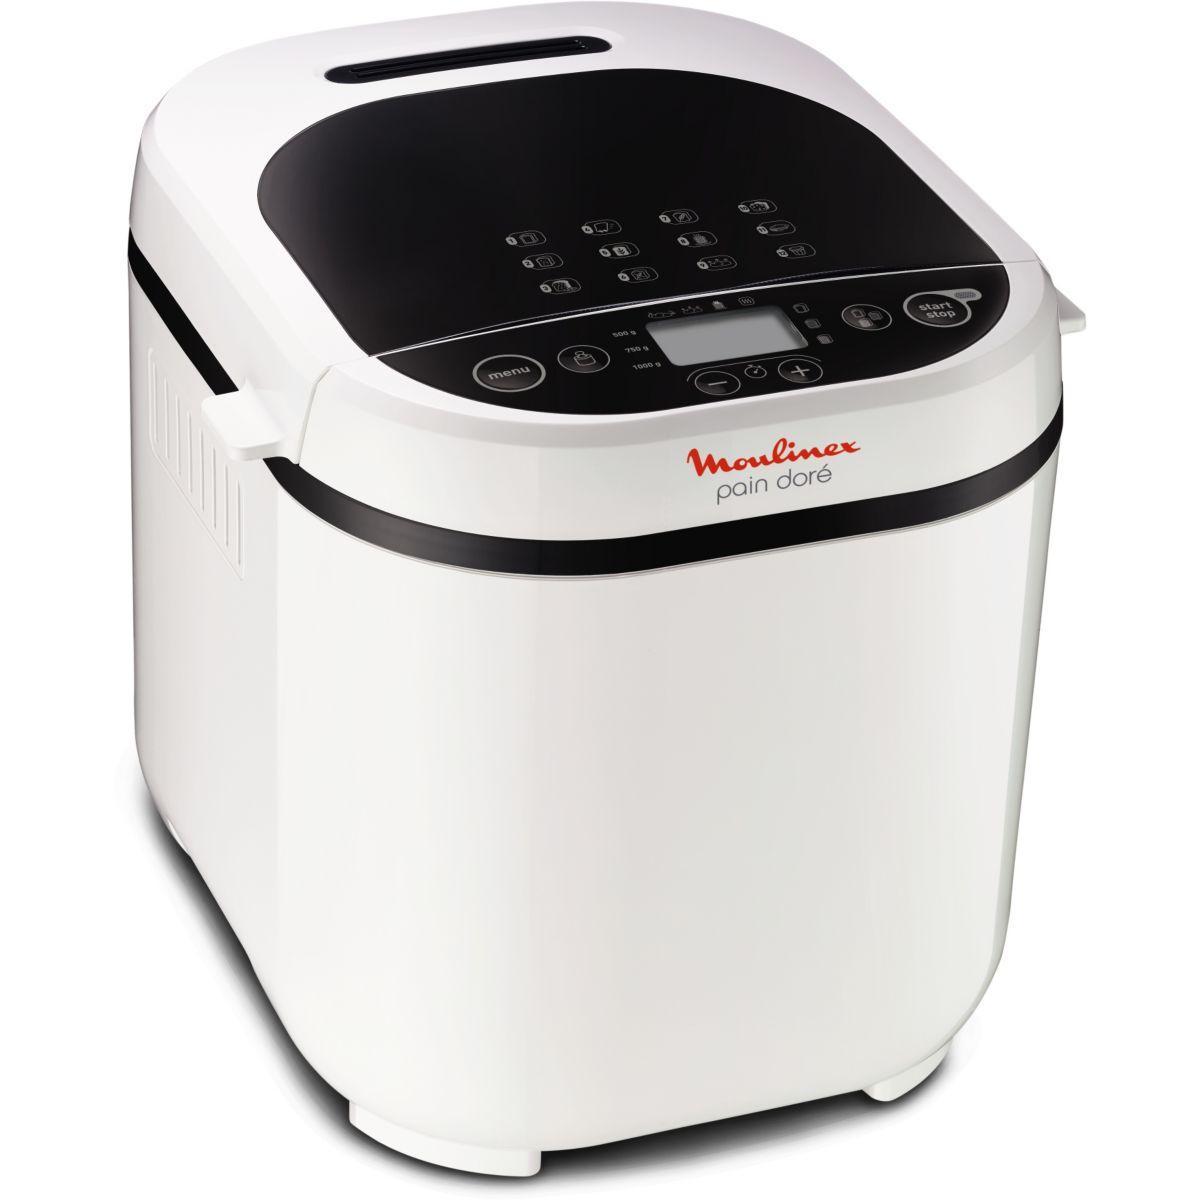 Machine � pain moulinex pain dore 1 kg - ow210130 - 7% de remise imm�diate avec le code : wd7 (photo)